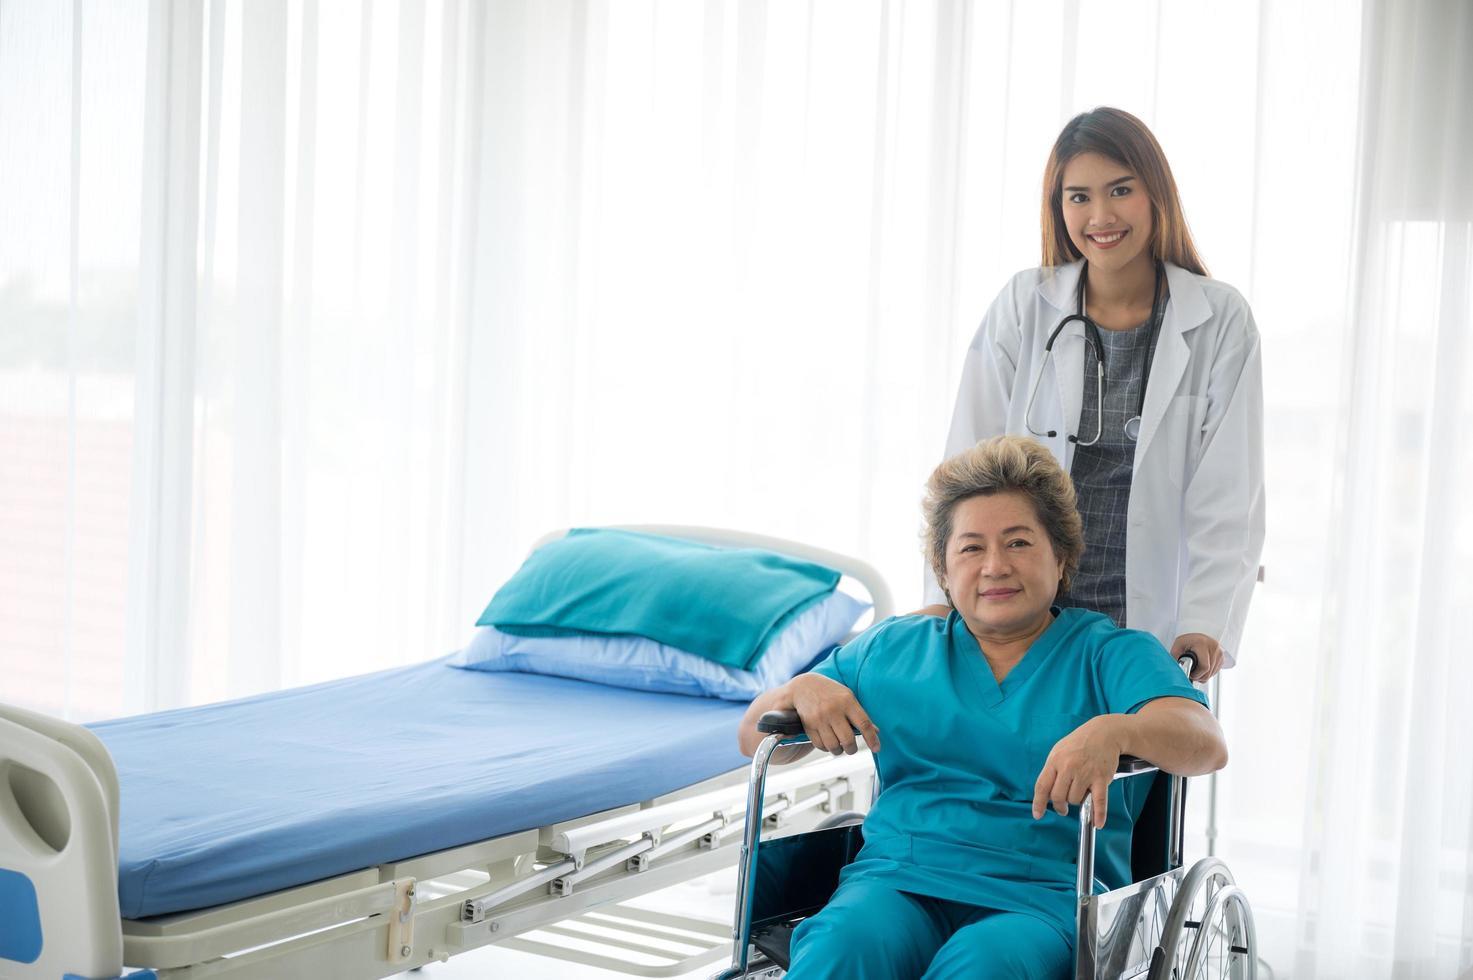 le médecin vérifie l'état de santé des patients âgés à l'hôpital. photo